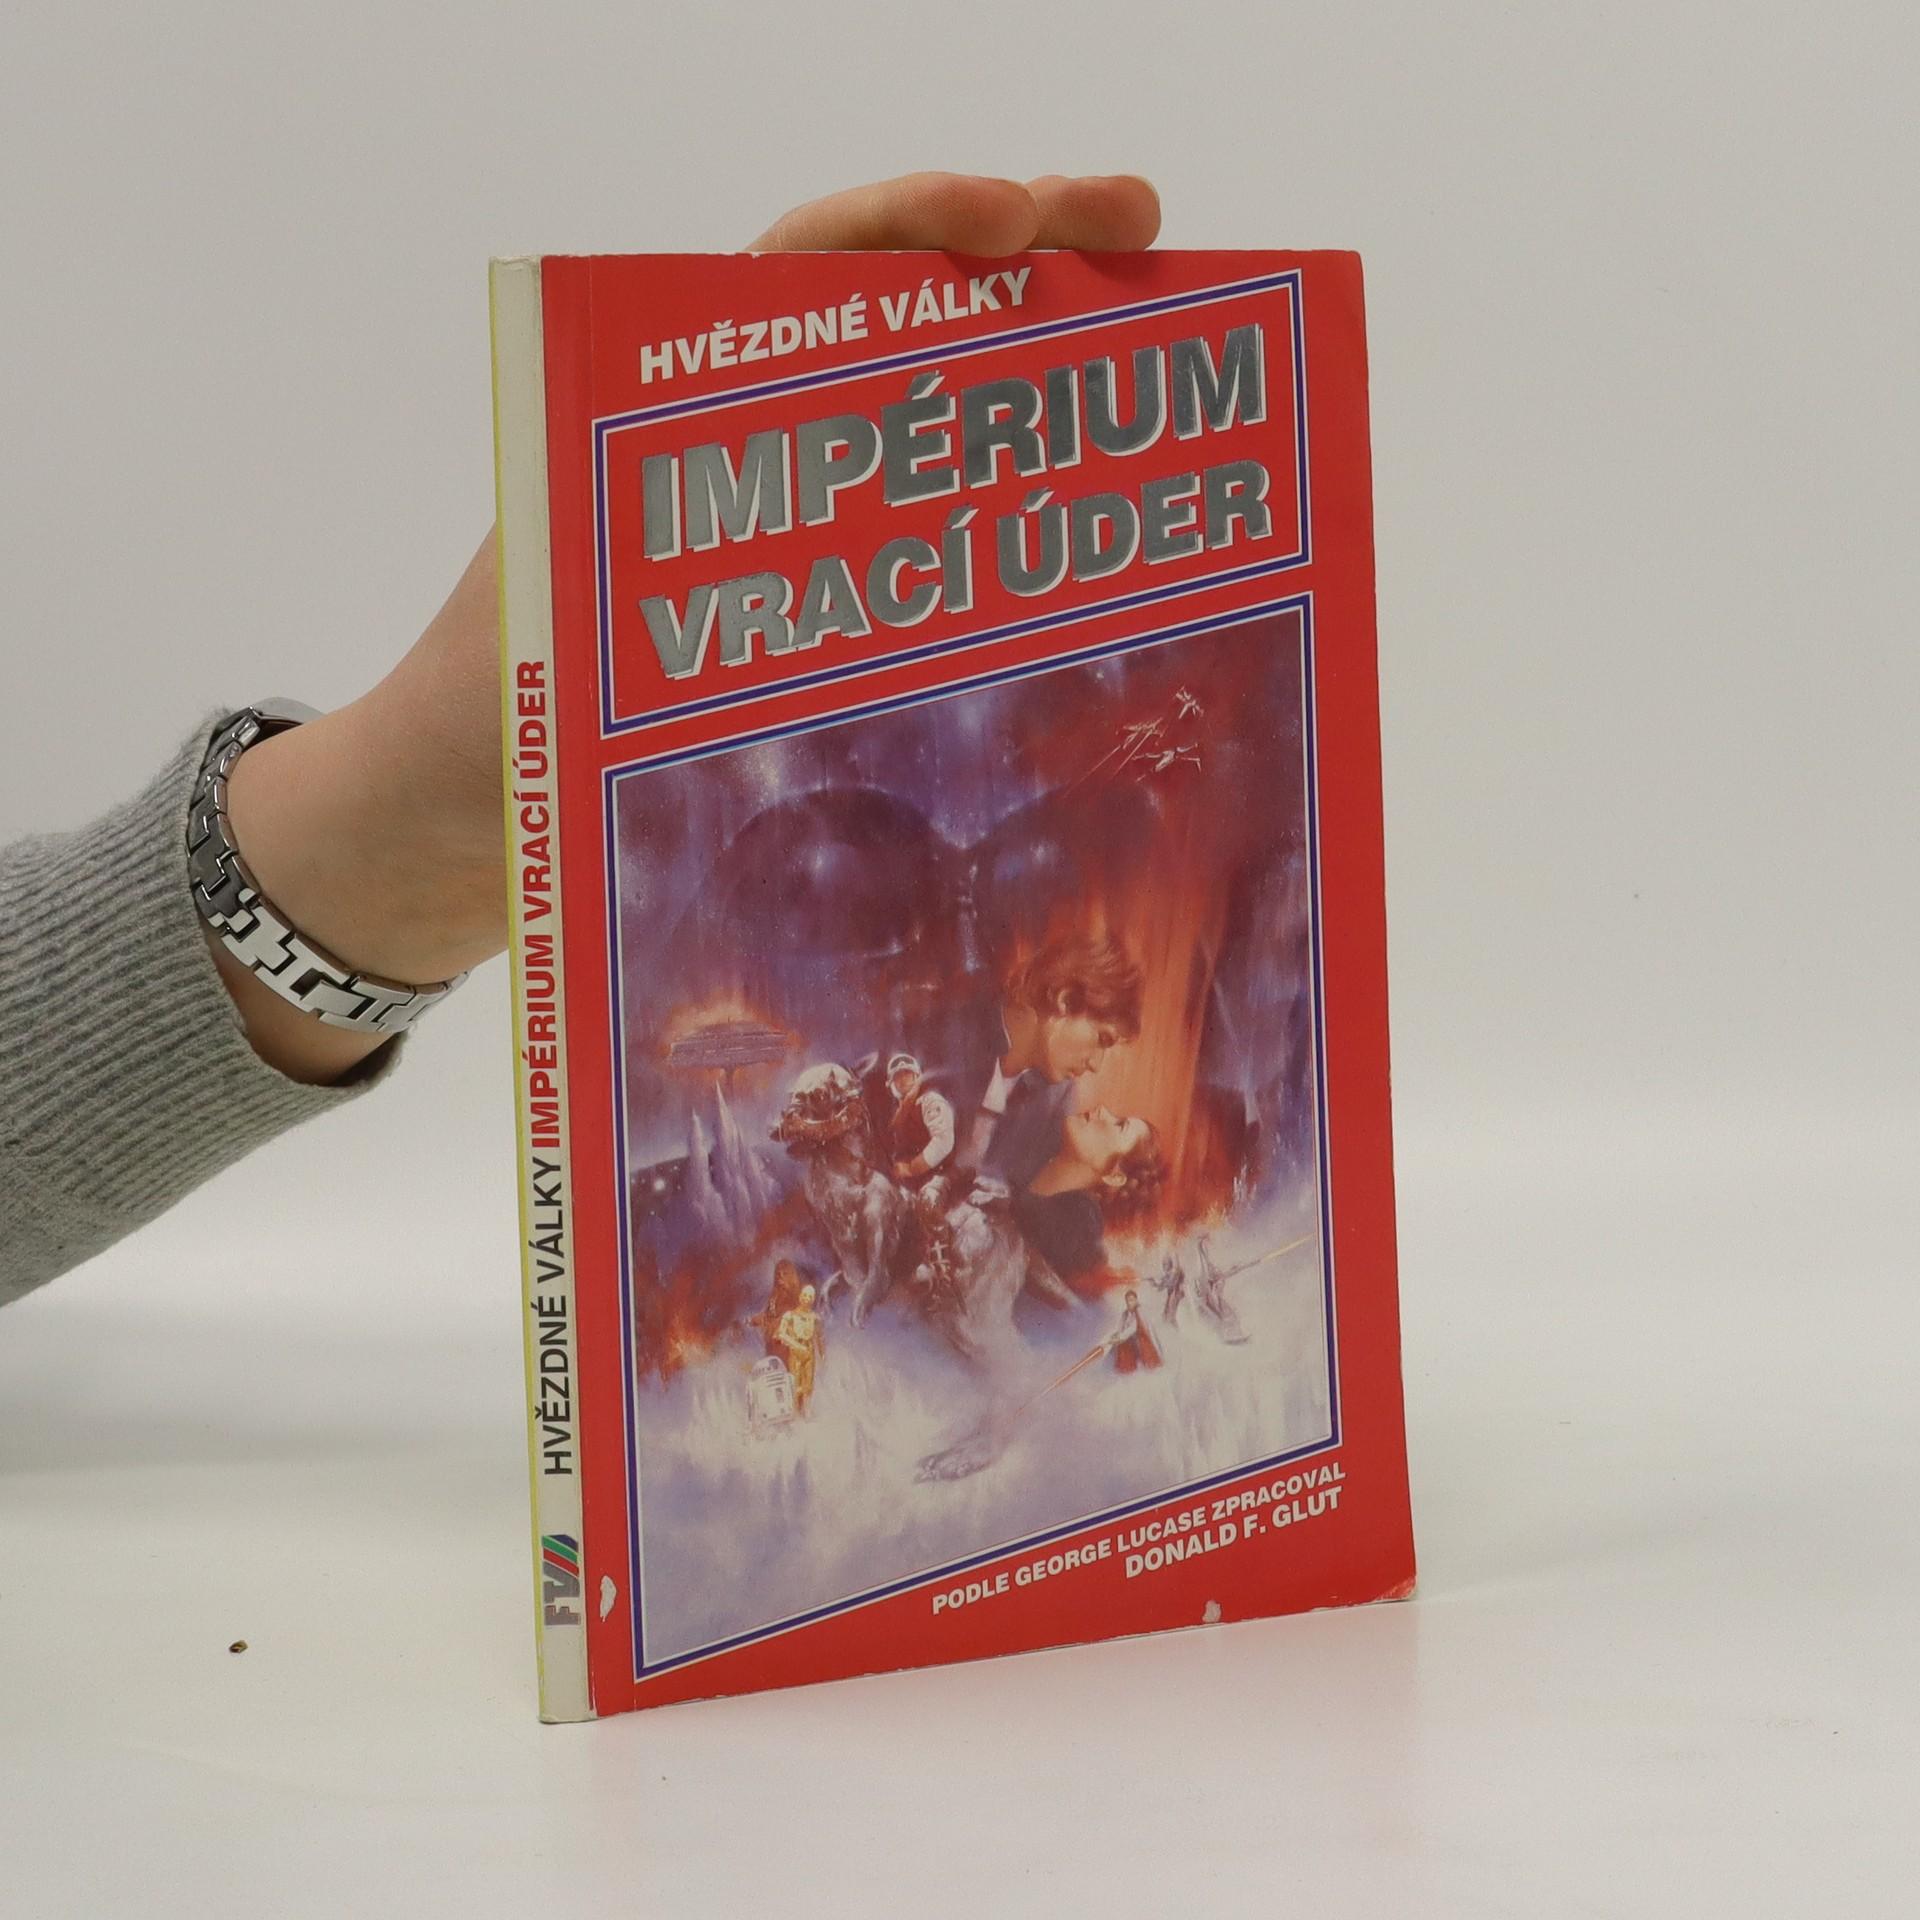 antikvární kniha Hvězdné války. Impérium vrací úder, 1992